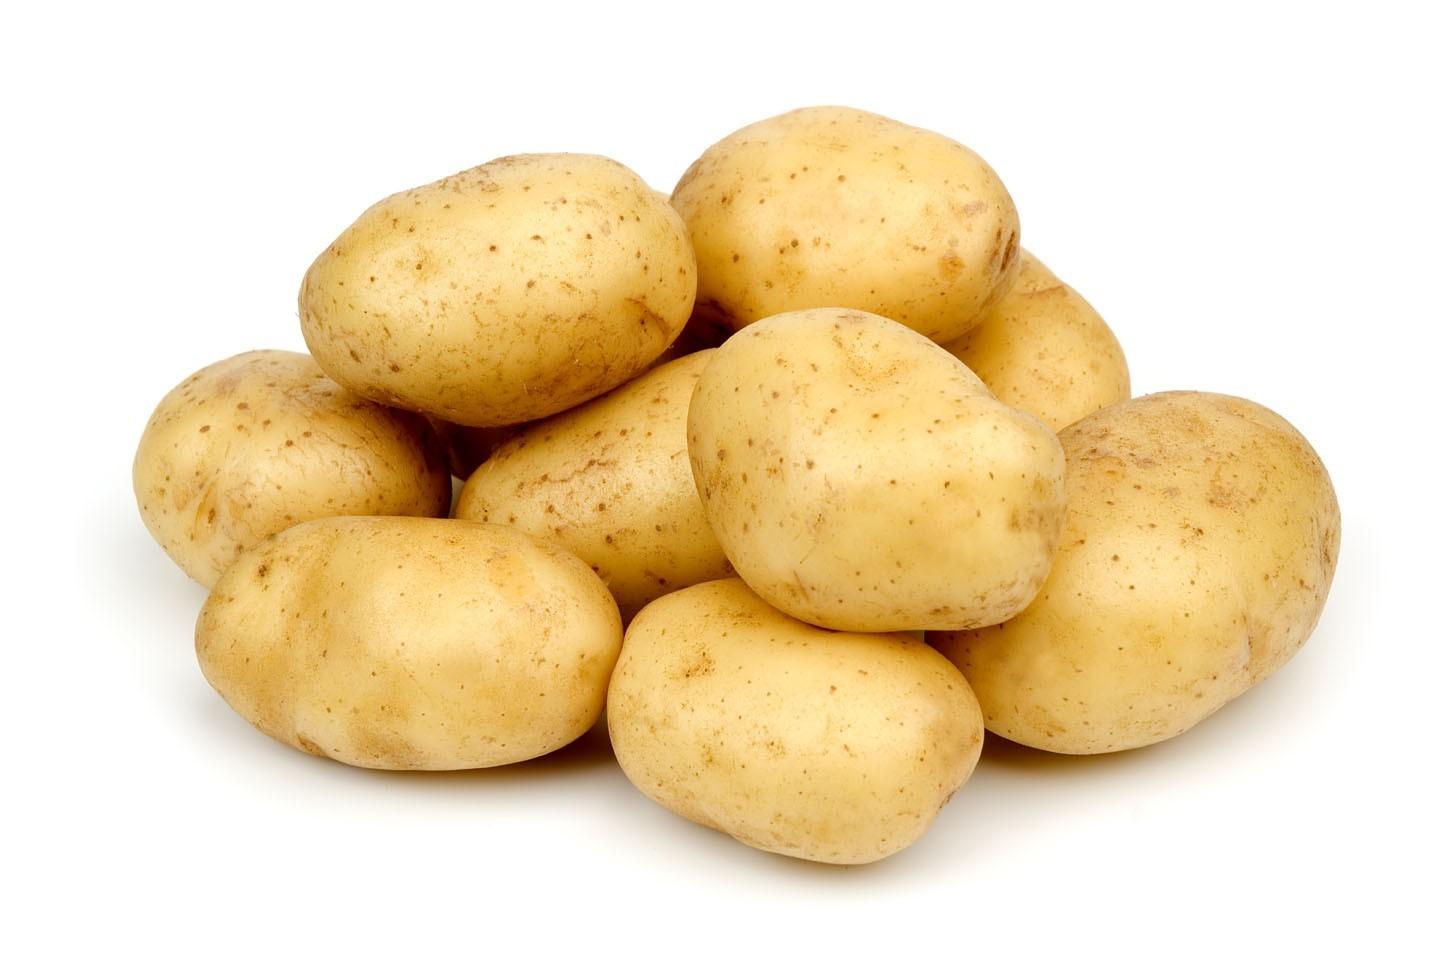 krompirjeve pocitnice